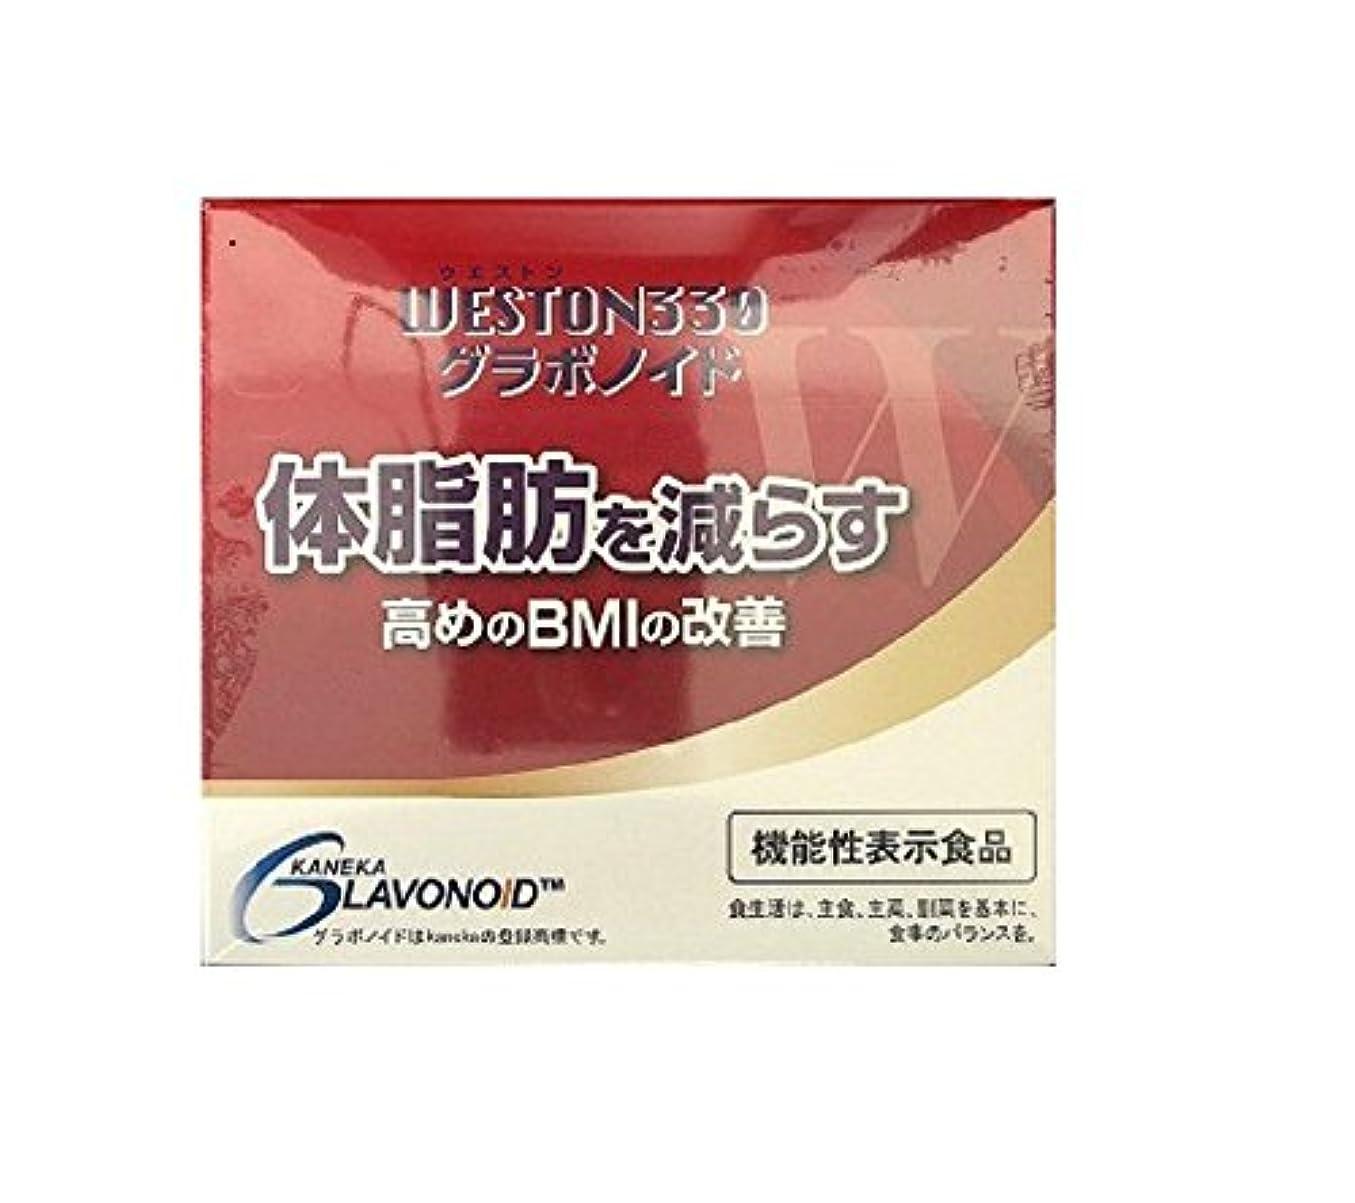 輝度迫害する一般的に言えばリマックスジャパン WESTON330 グラボノイド 60粒 (30日分) [機能性表示食品]